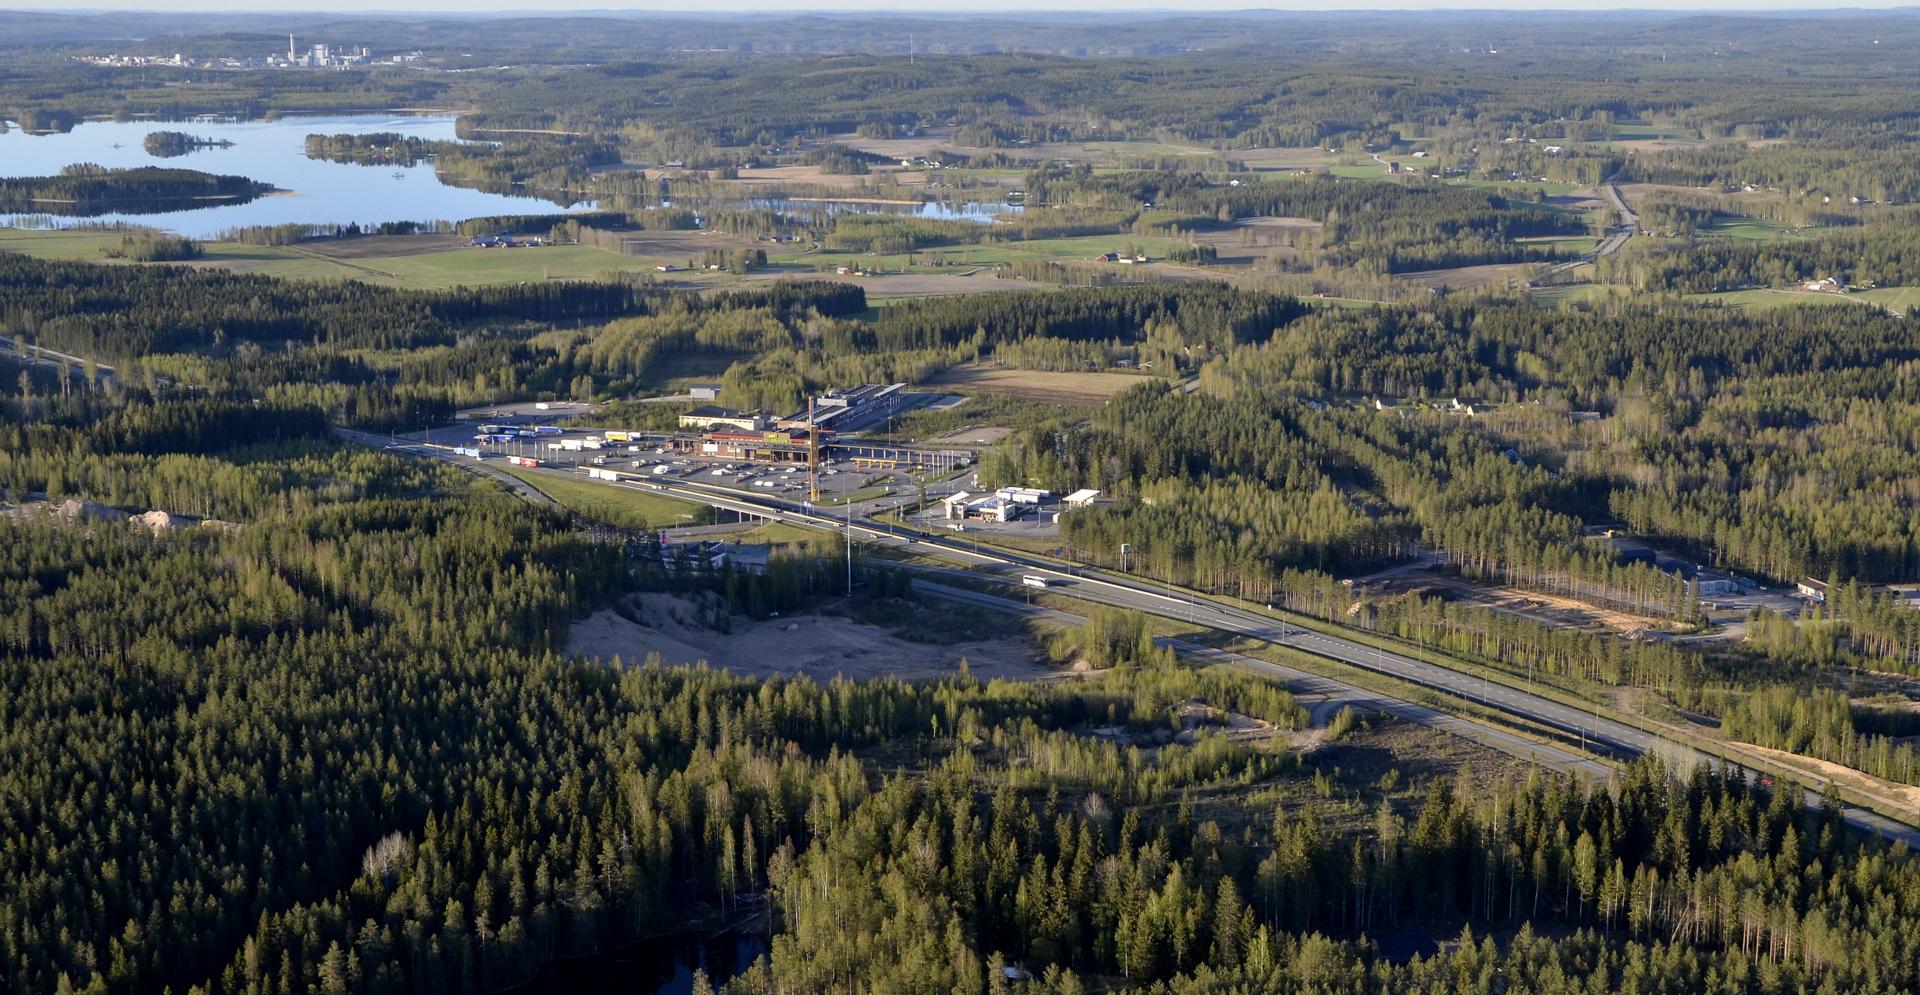 Hirvaskangas ja Koivistonkylä. Tällä kylällä on ollut Sisä-Suomen ensimmäinen postiasema. Rakennus vieläkin olemassa Muhluniemessä.